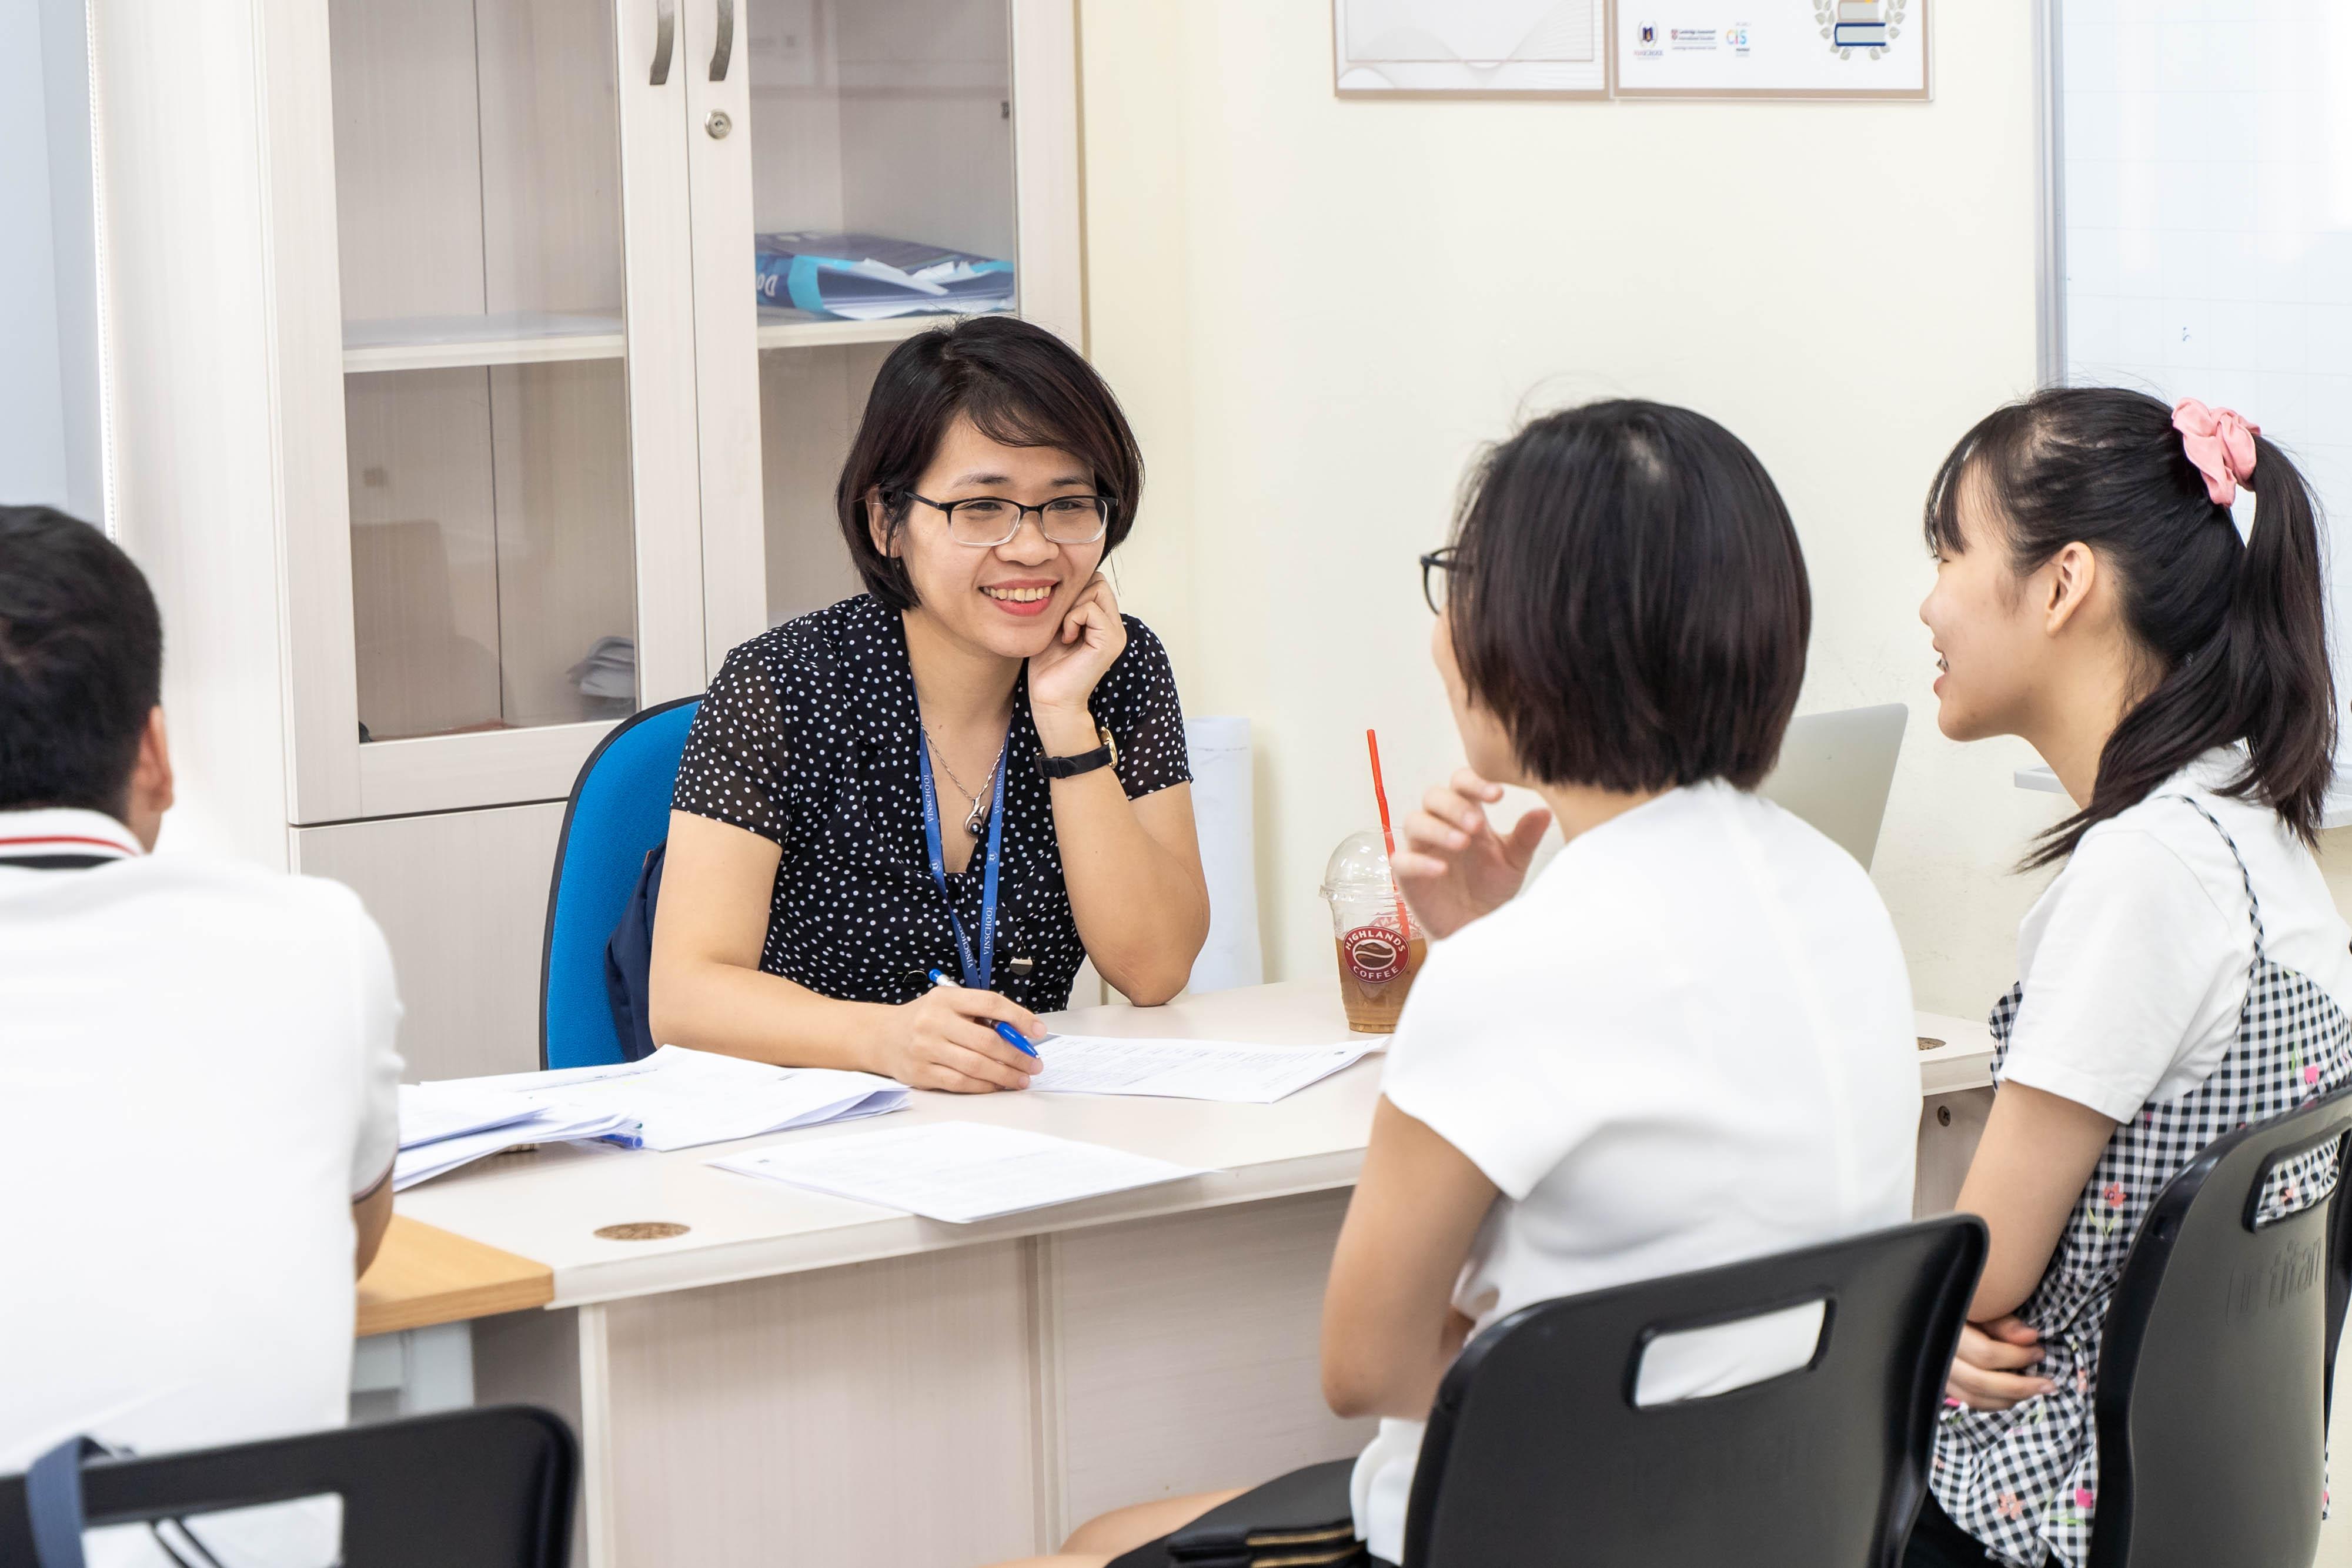 Cố vấn 1-1 giúp học sinh THPT lựa chọn môn học cho năm học mới